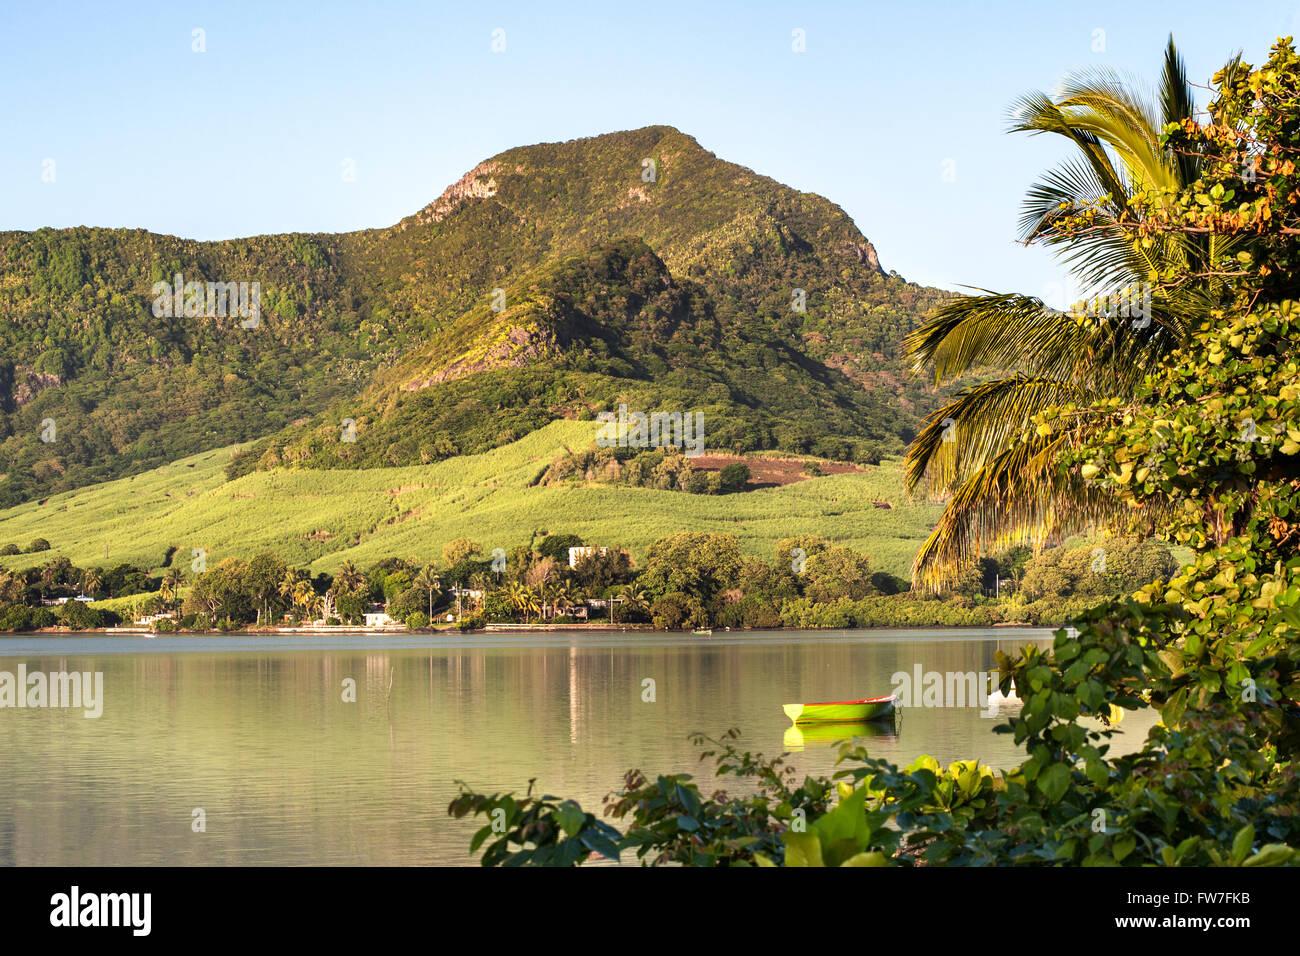 Paysage de la côte est de l'île de Maurice. Photo Stock